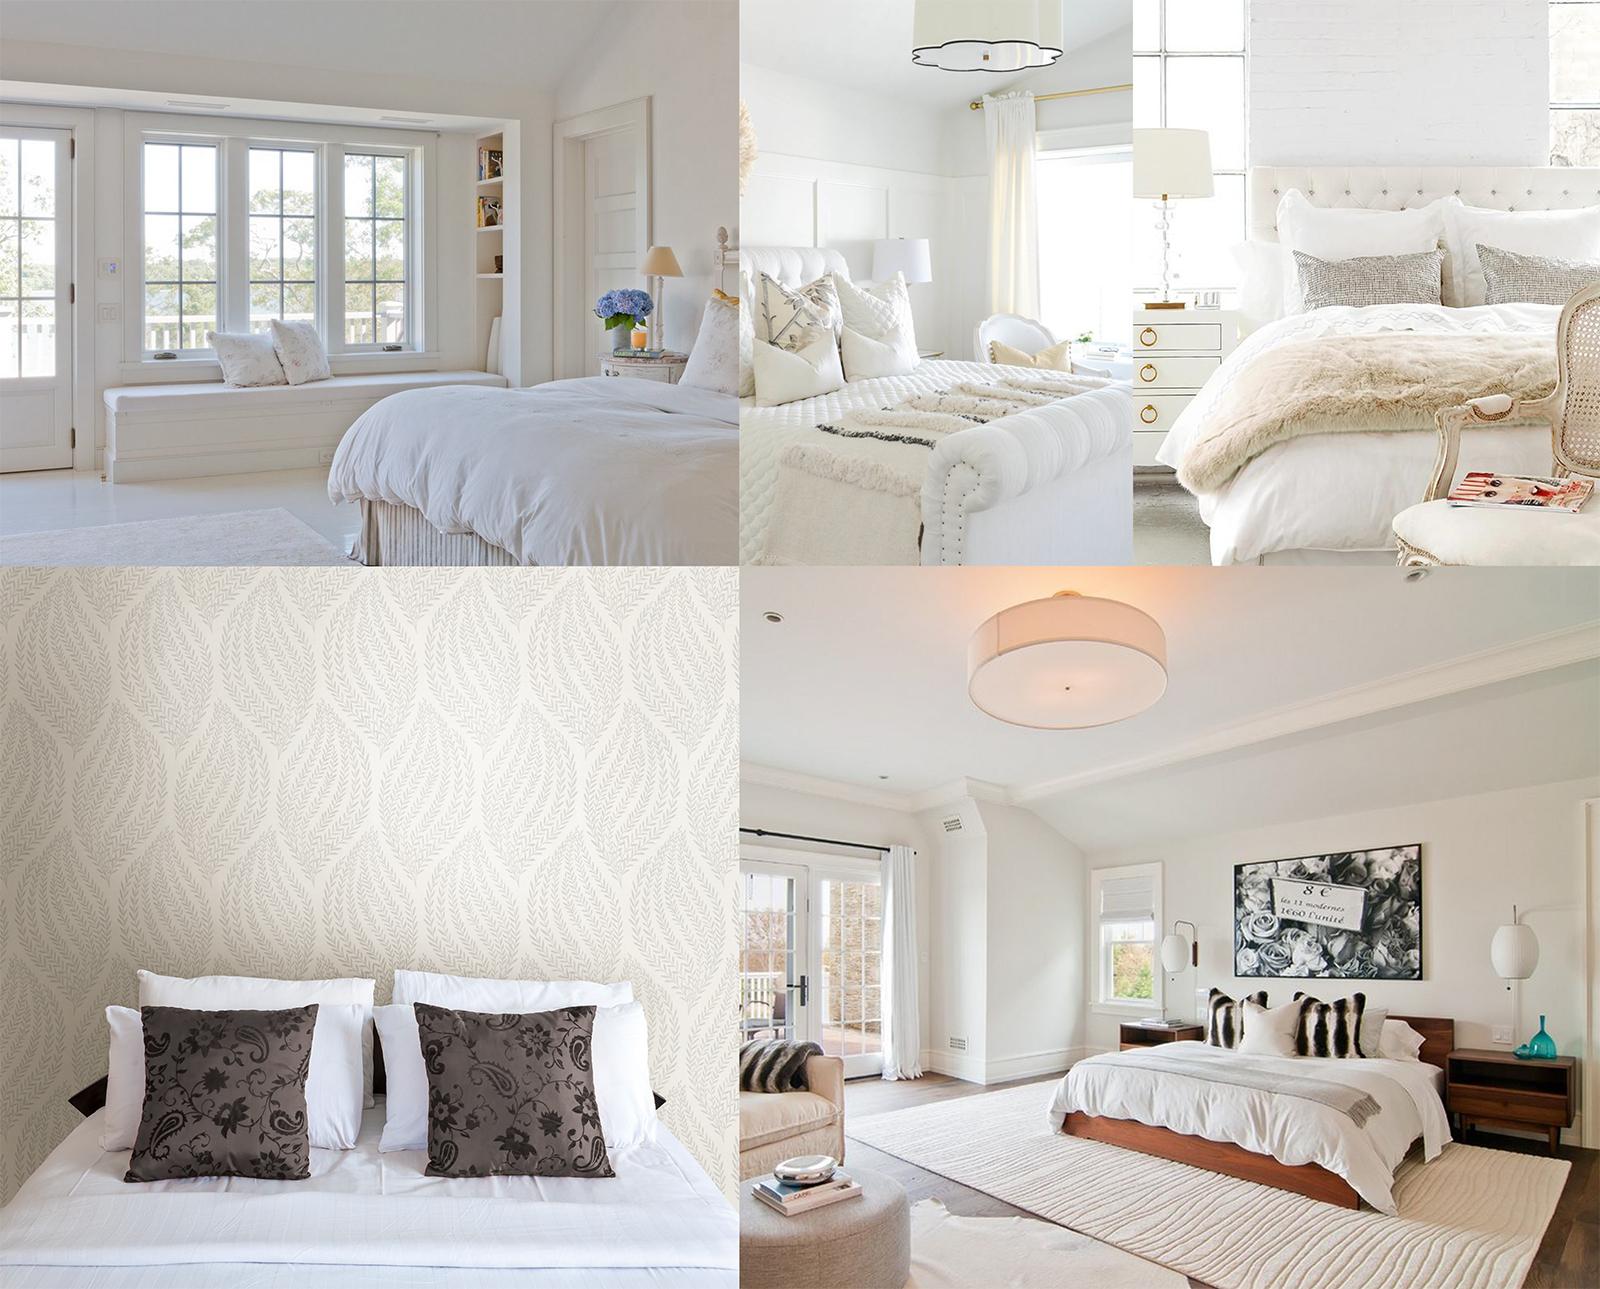 white bedroom looks